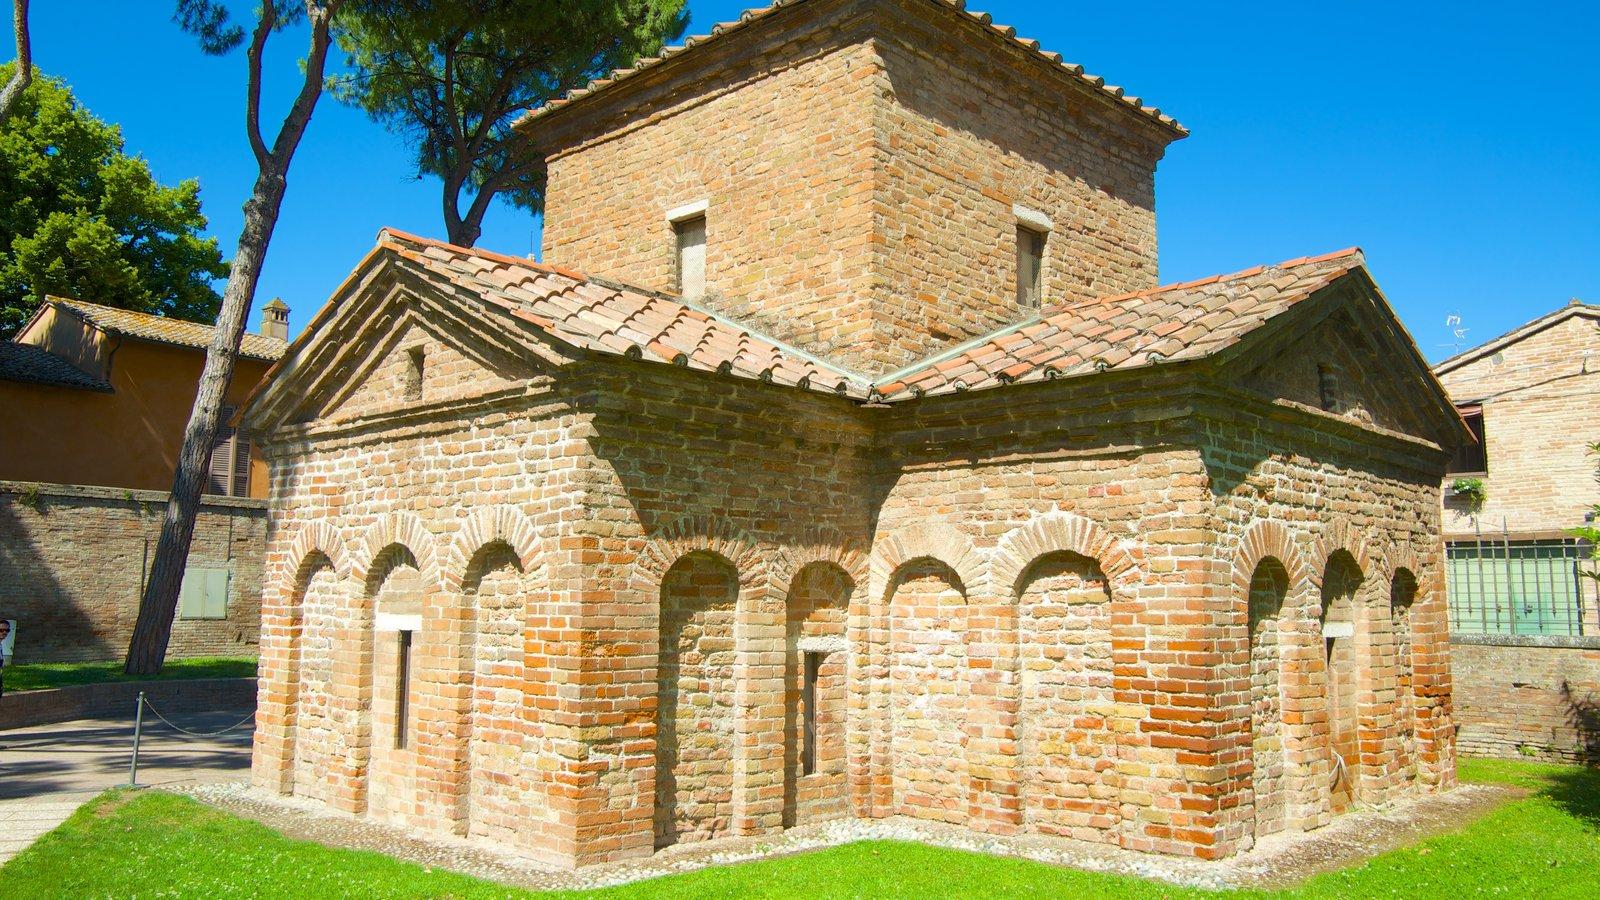 Mausoléu de Galla Placidia mostrando elementos de patrimônio e arquitetura de patrimônio